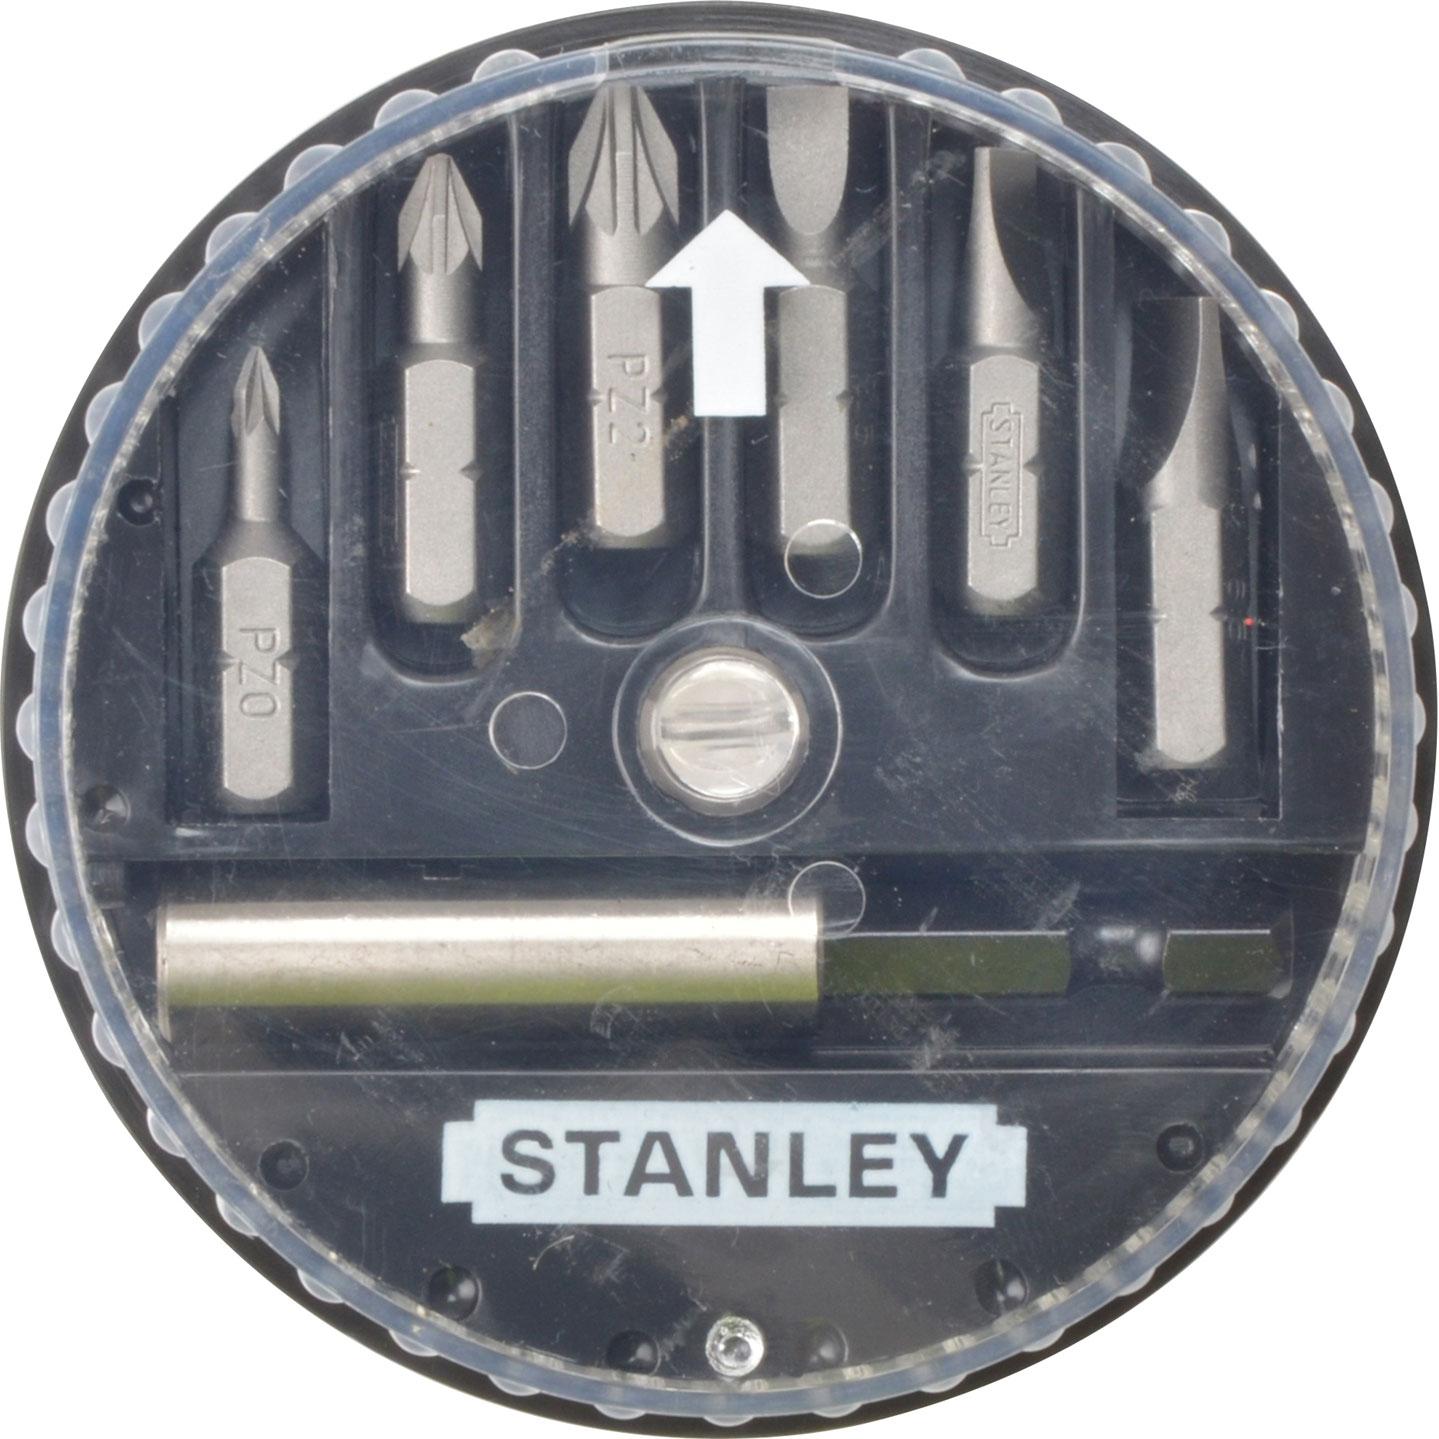 STANLEY 1-68-738 σετ μυτες 7 τμχ ισιες , Pz